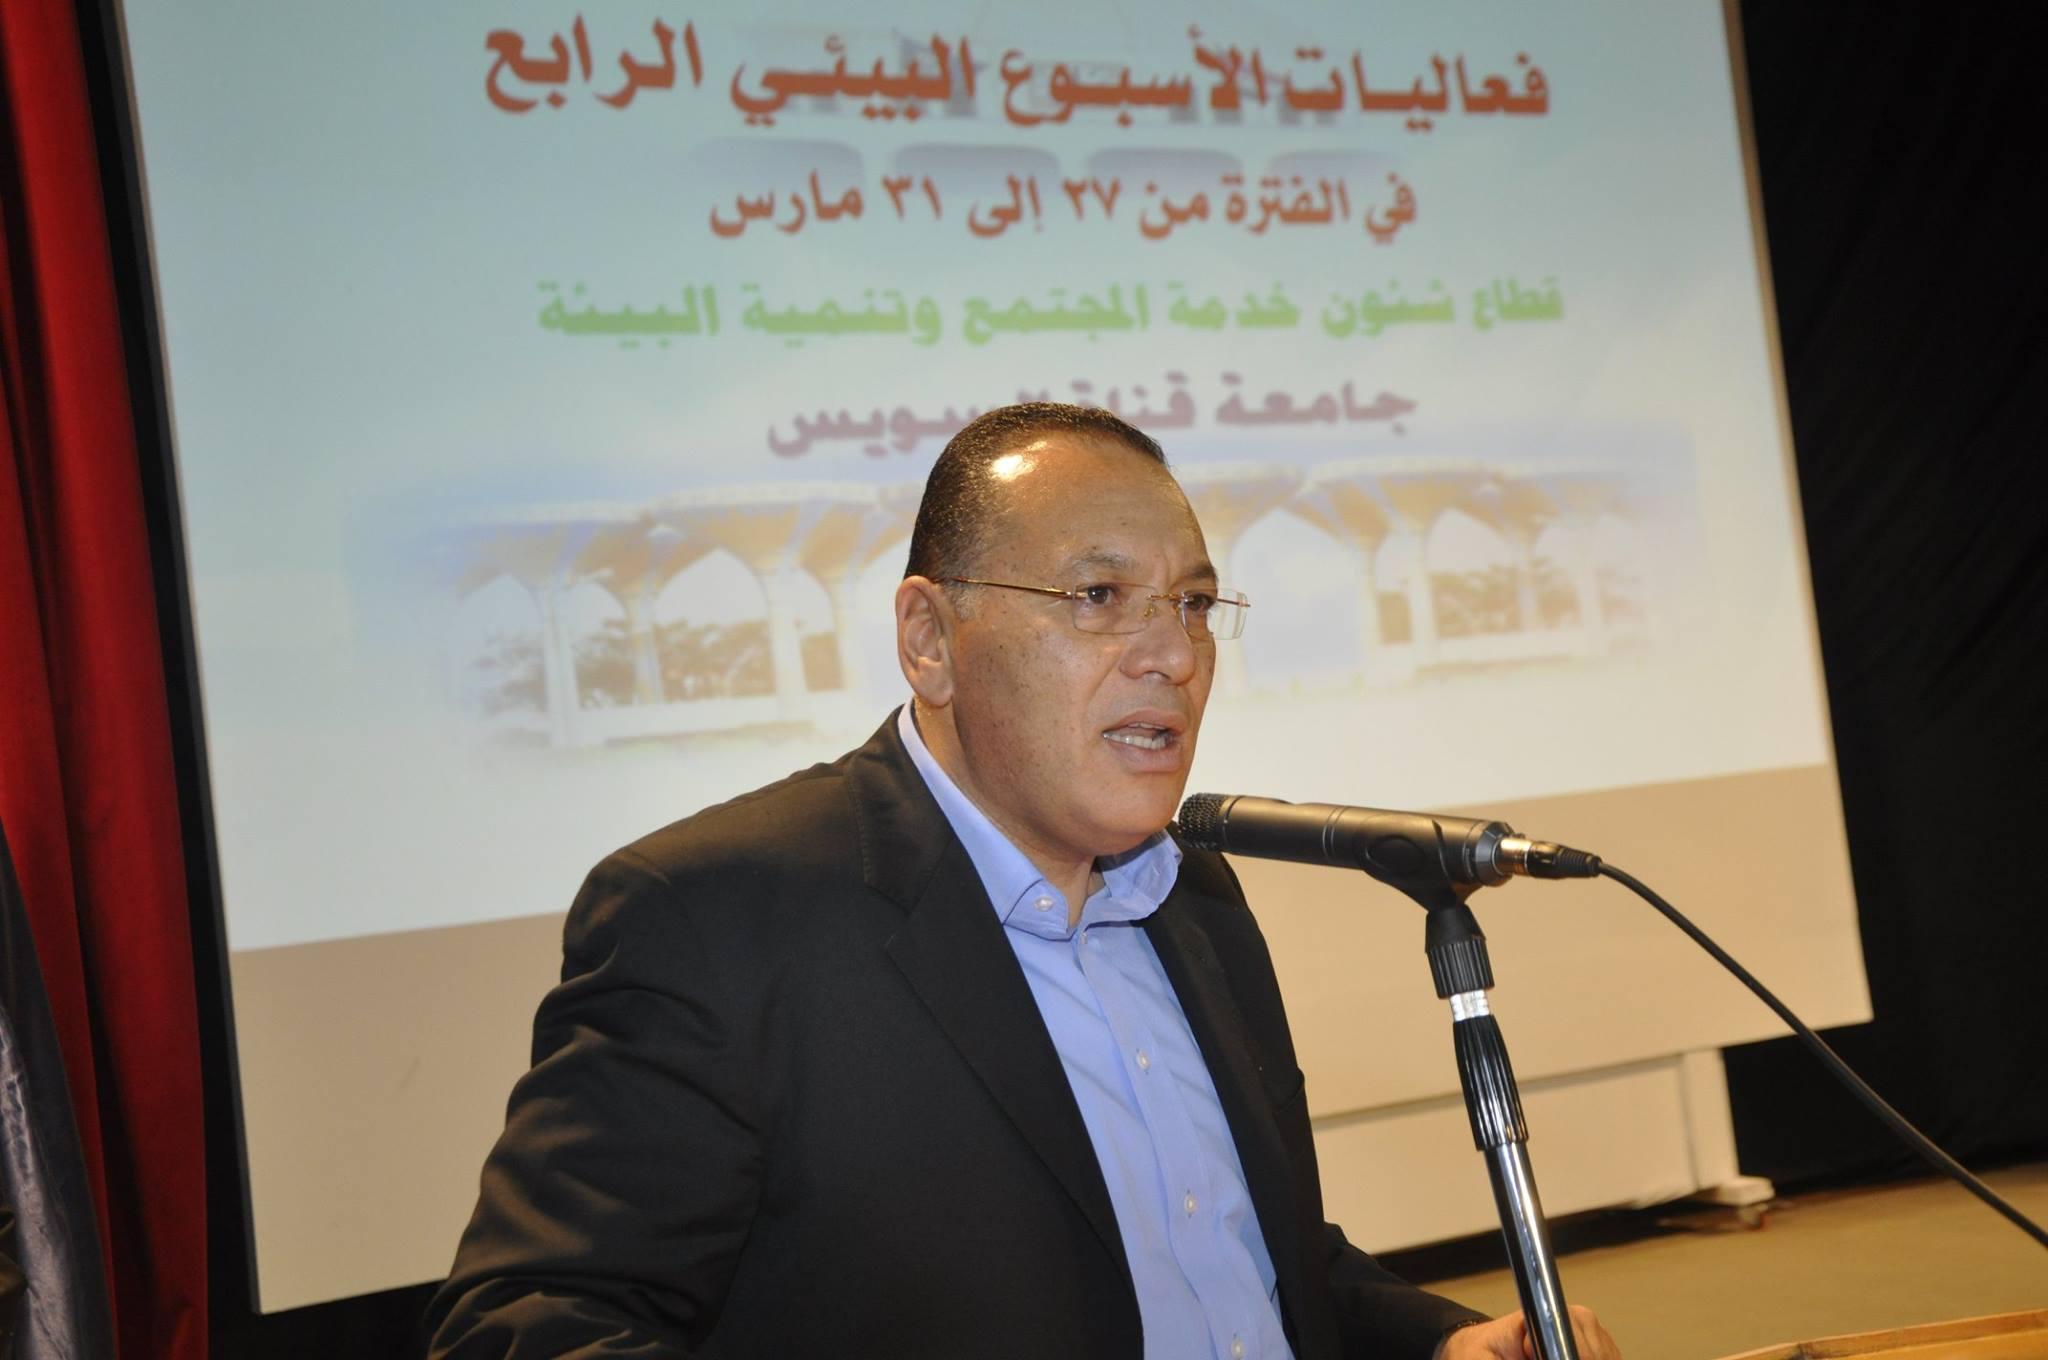 افتتاح فعاليات الأسبوع البيئي الرابع بجامعة قناة السويس